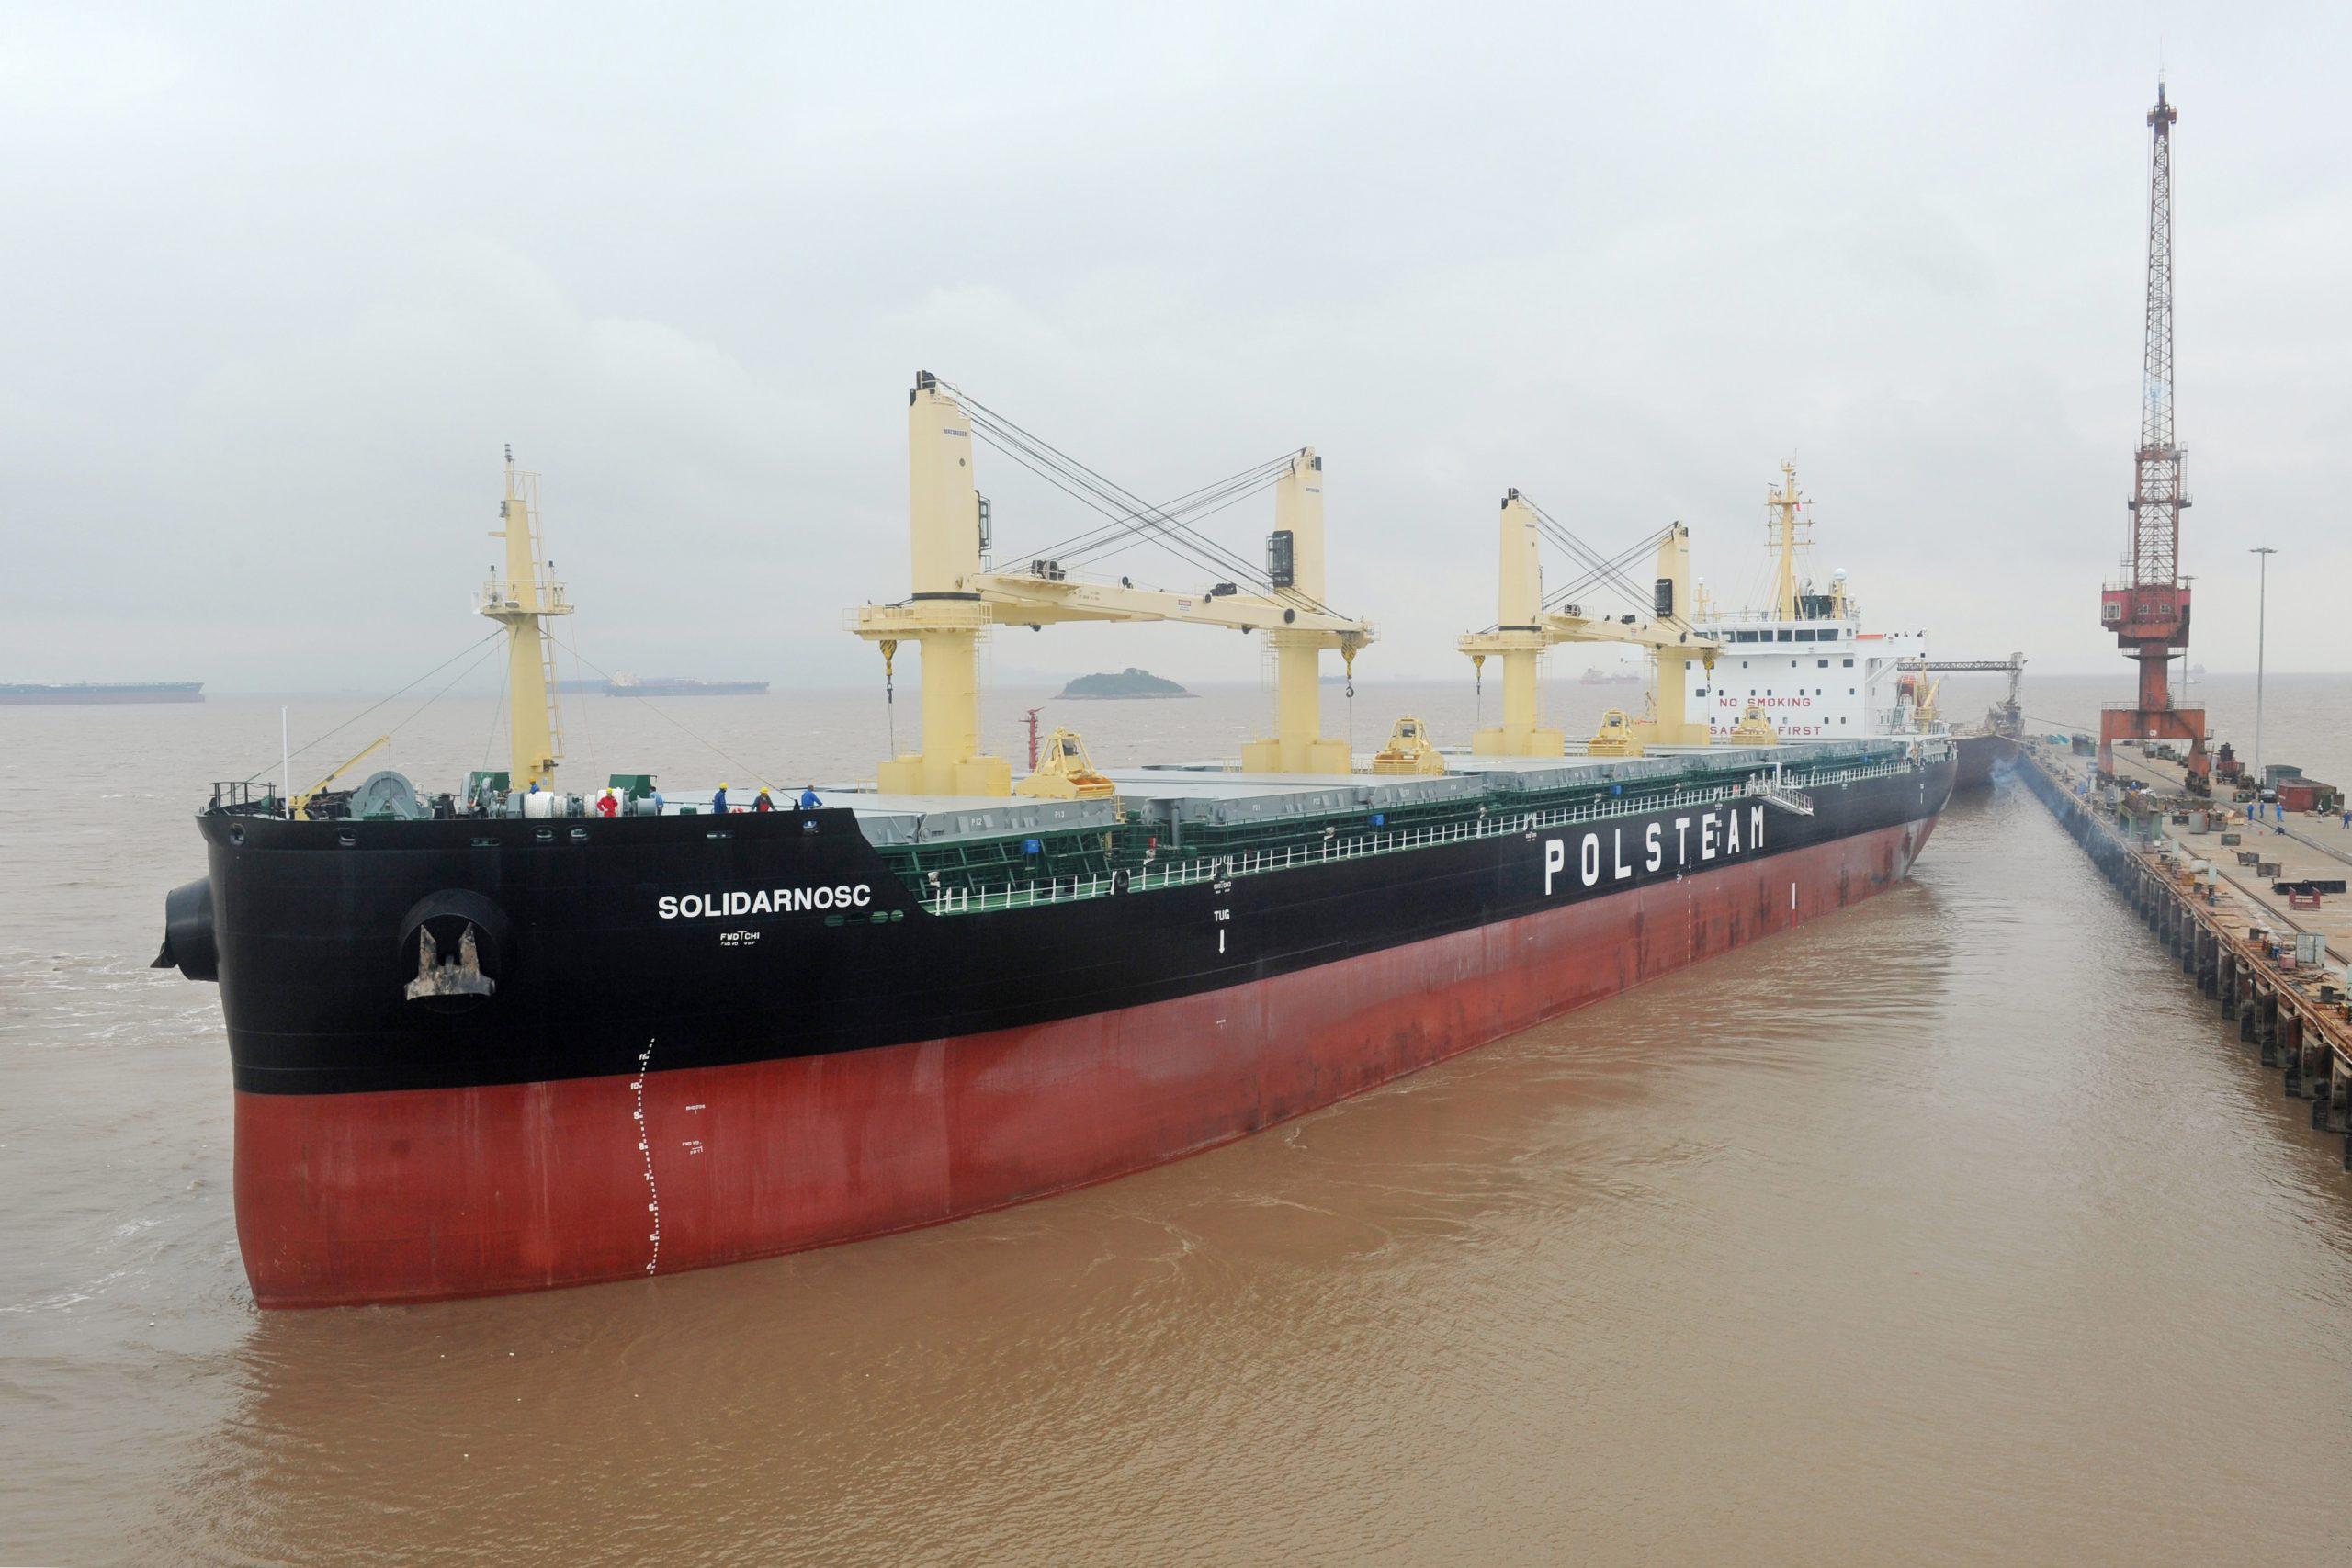 B.Delta Bulk Carrier for Polsteam - credit Polsteam